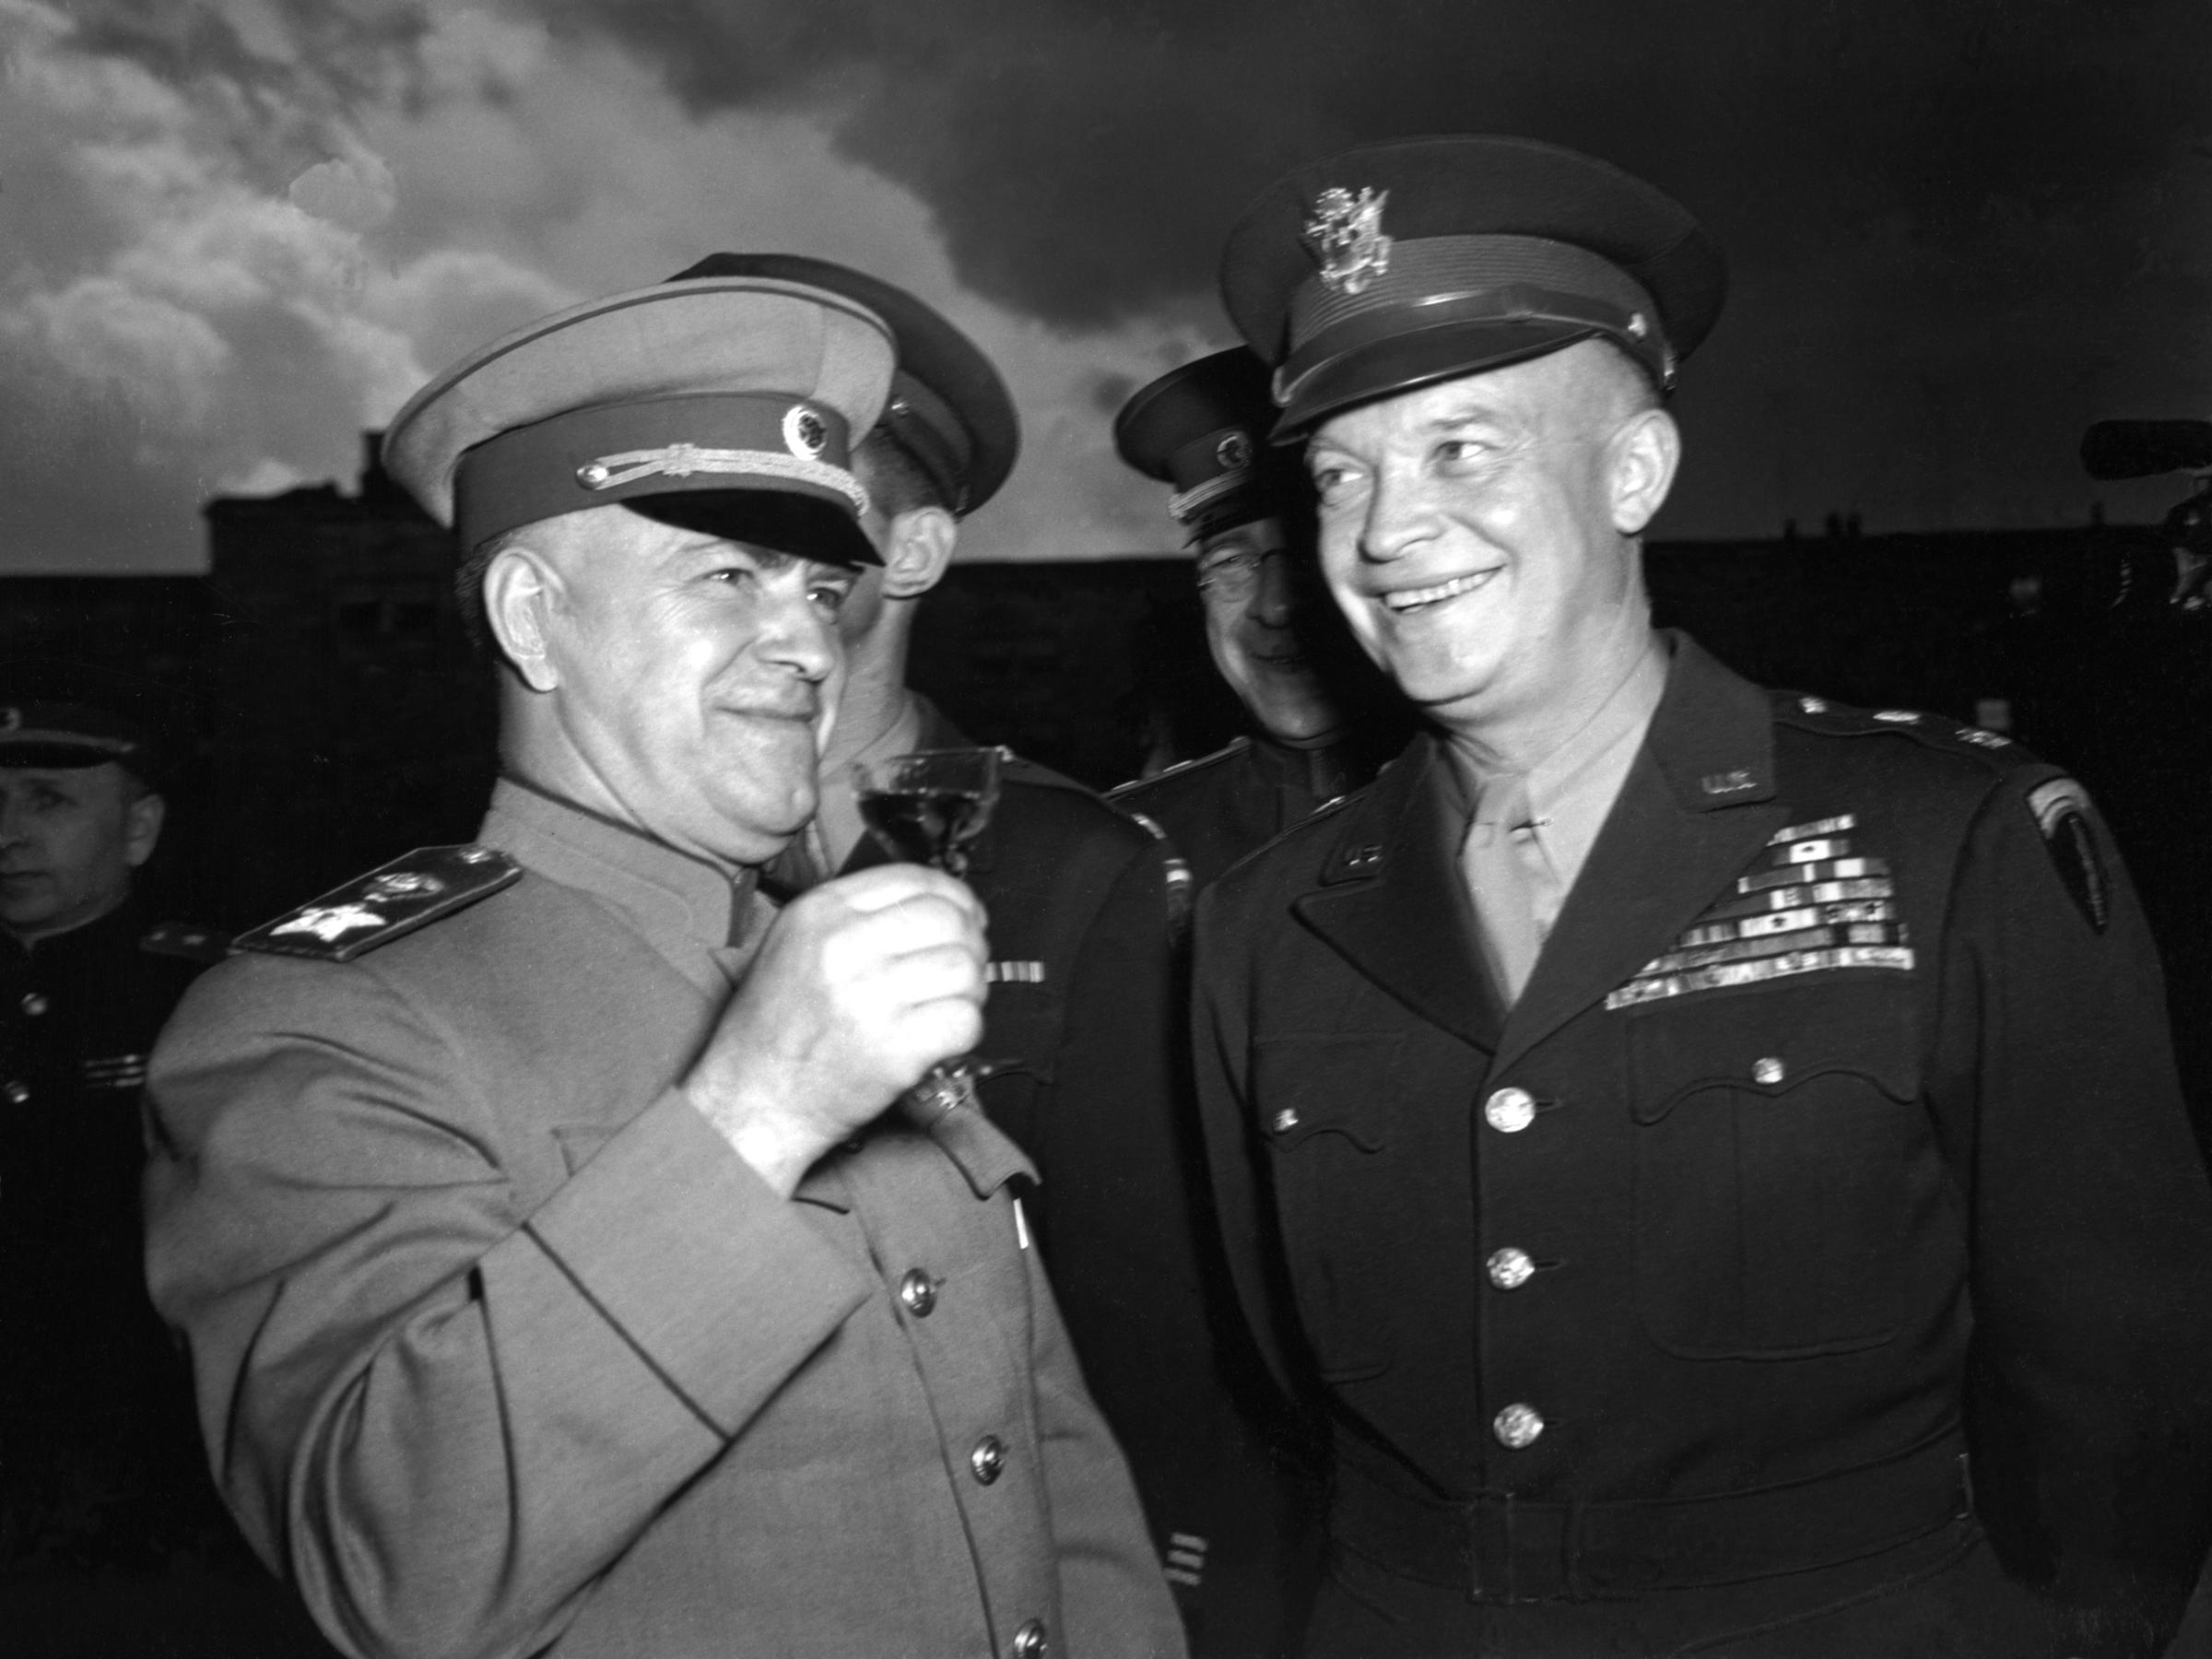 Eisenhower dan Zhukov   https://www.brookdalecc.edu/